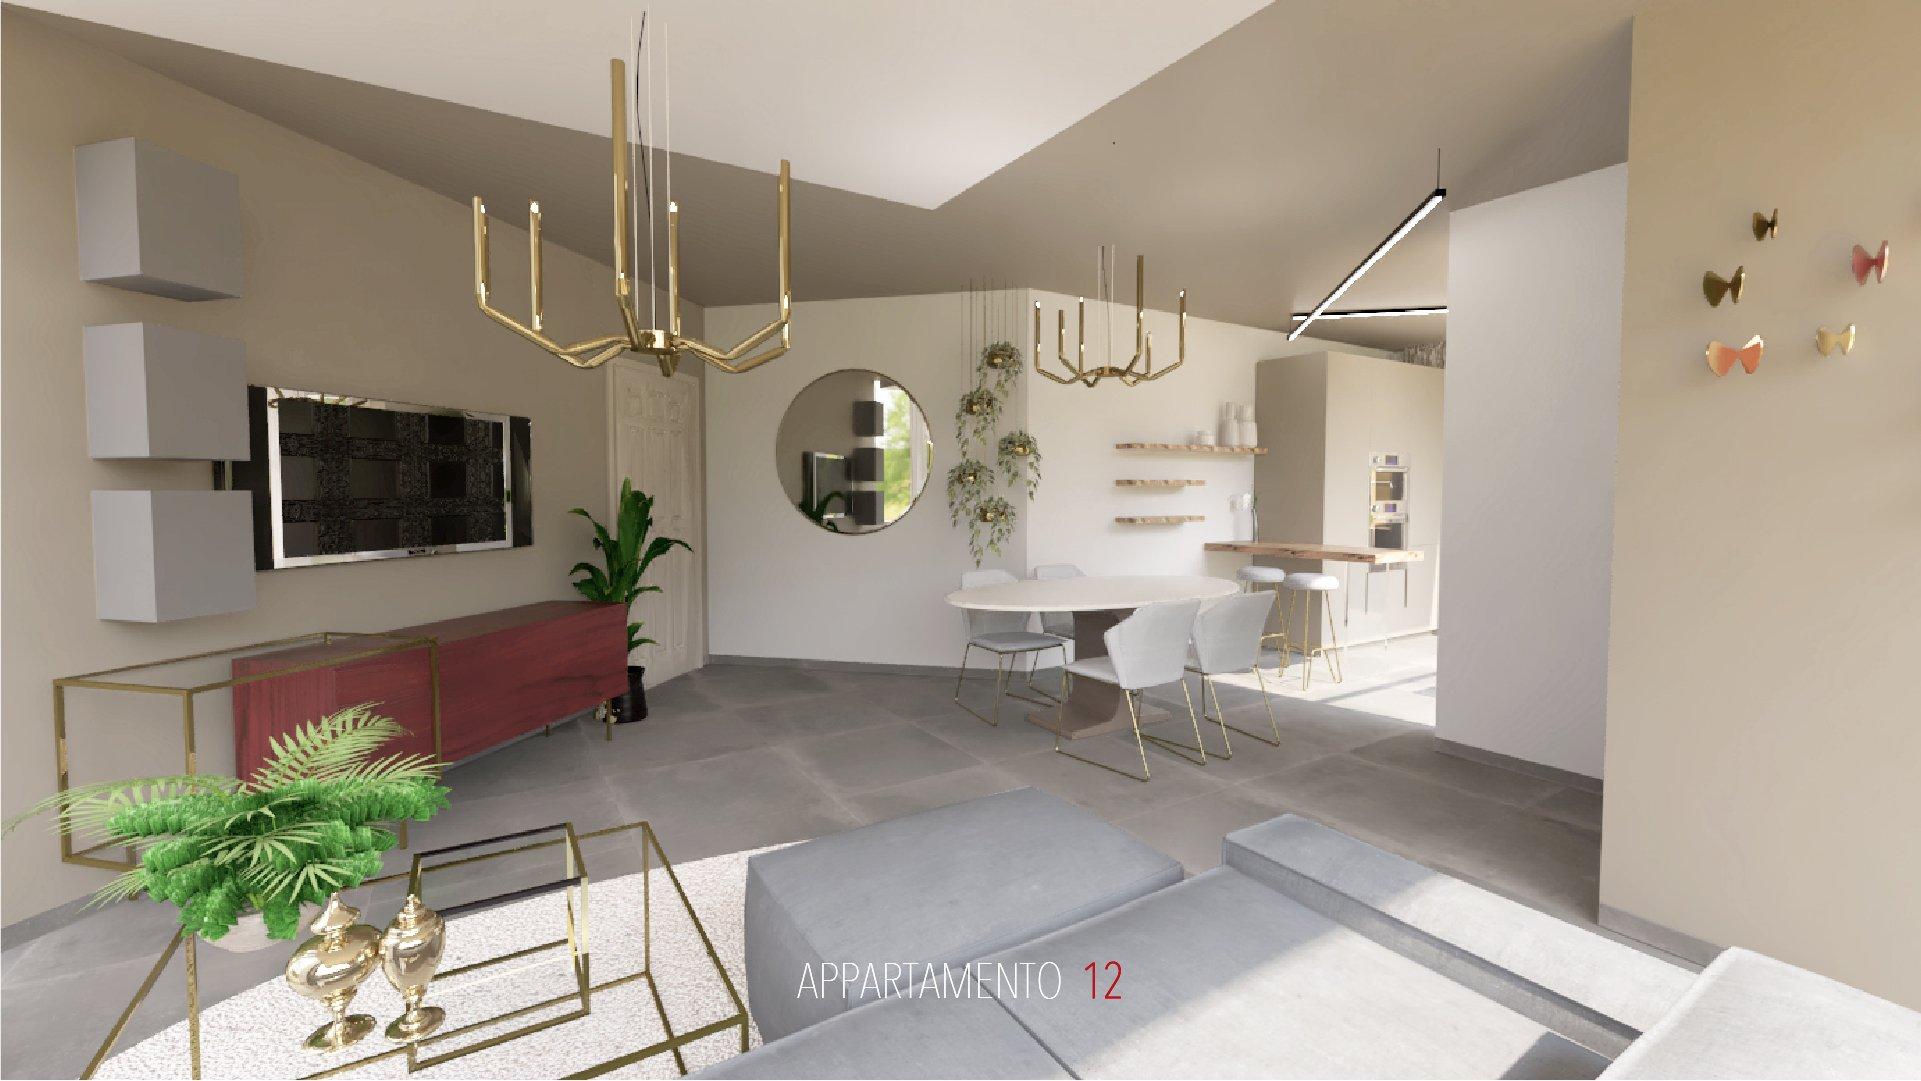 Gambettola, Nuovo Appartamento quadrilocale indipendente Rif.A064 n.12